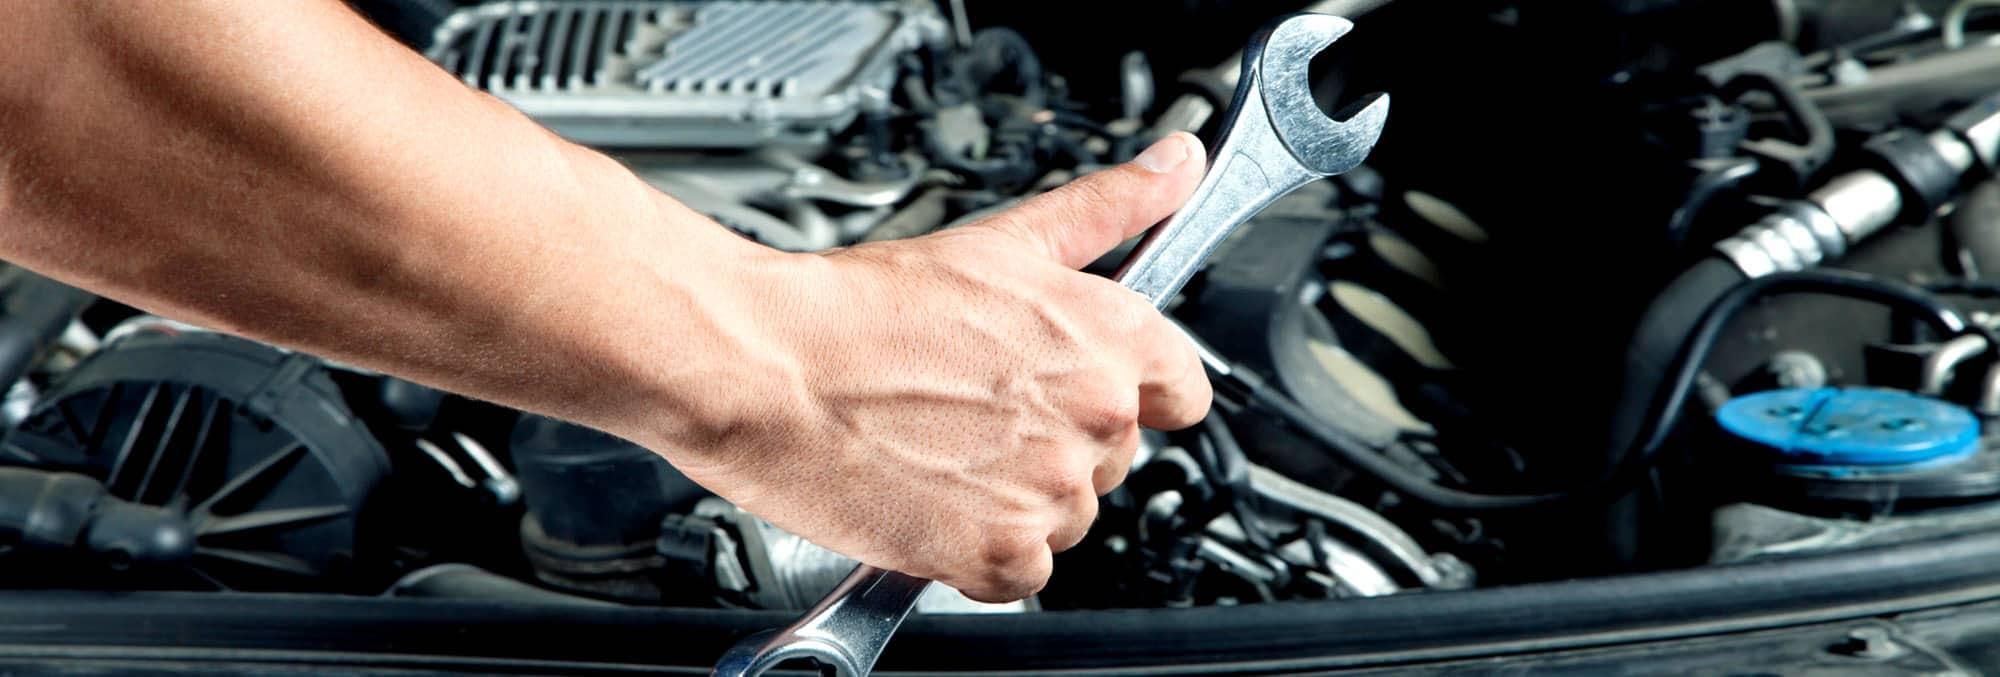 auto repair madison wi